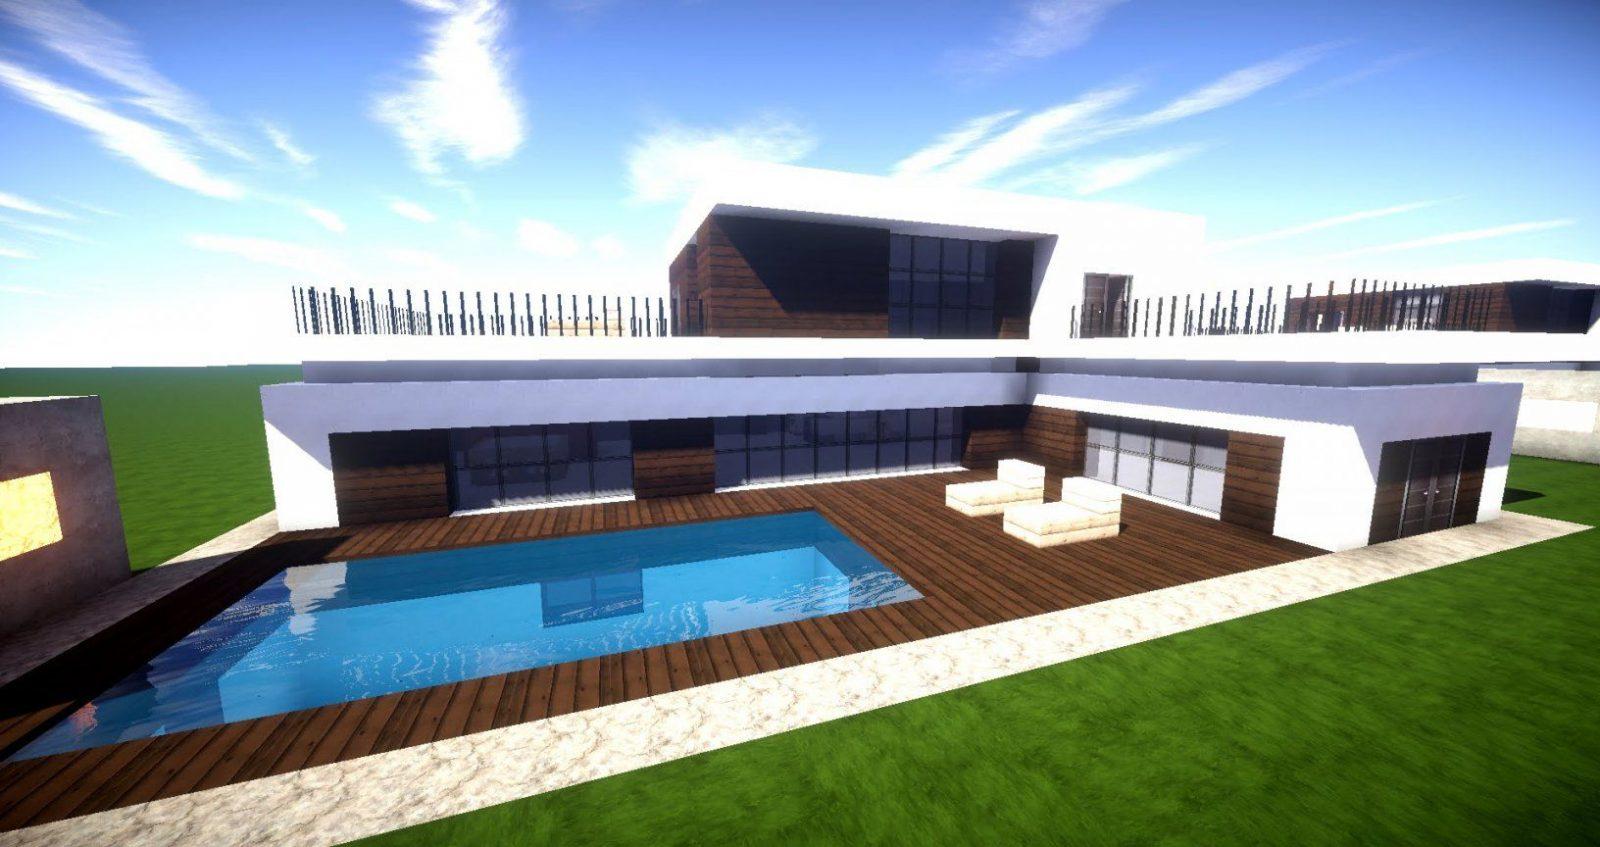 Minecraft Modernes Haus Mit Poolterrasse Bauen 27X20  Tutorial von Minecraft Modernes Haus Bauplan Bild